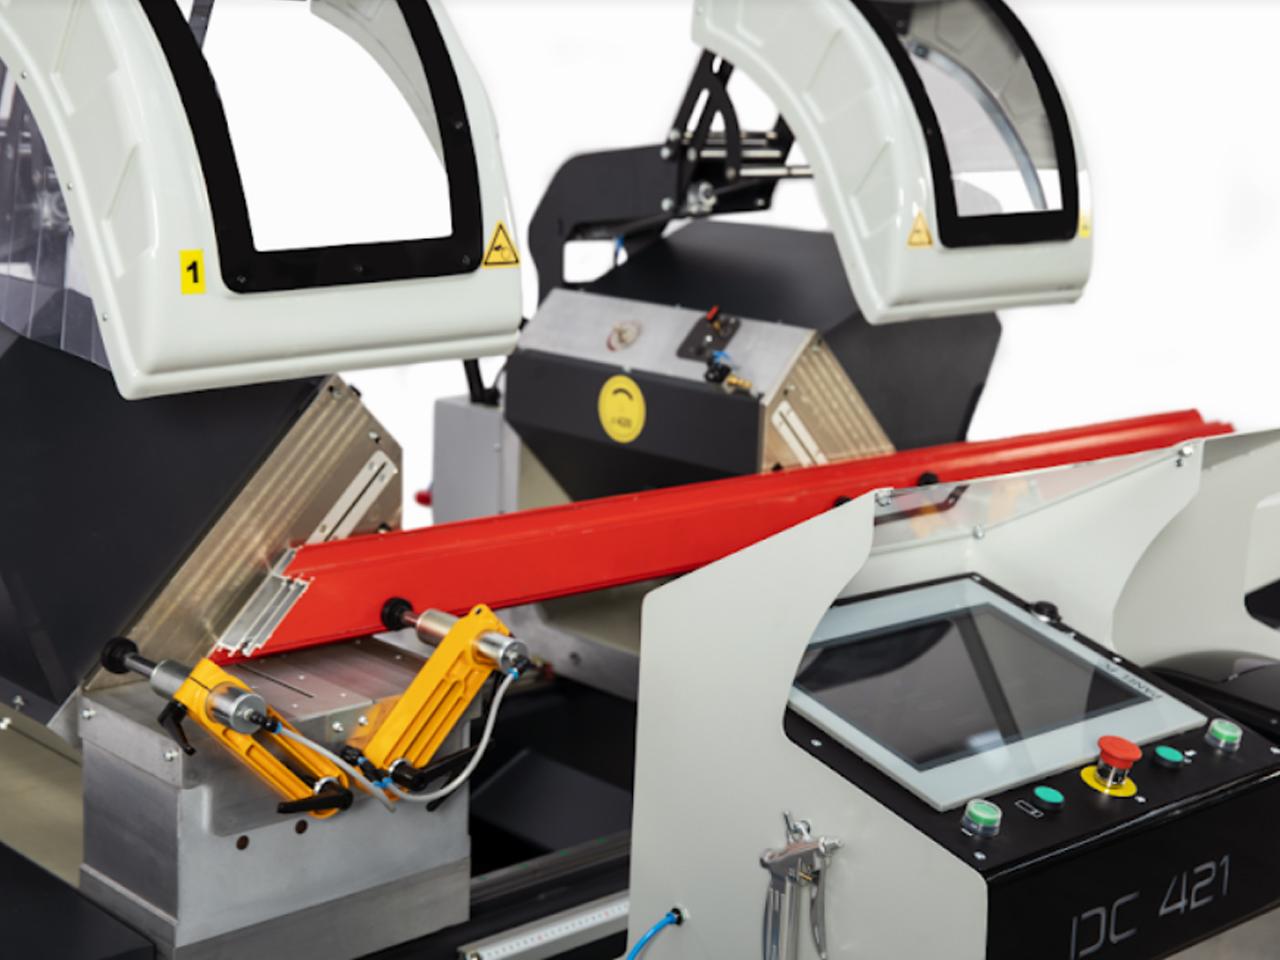 ZIGMA-02 AP CNC Double Head Miter Saw Cutting Machine 16-12 (420 mm) Aluminum profile cut